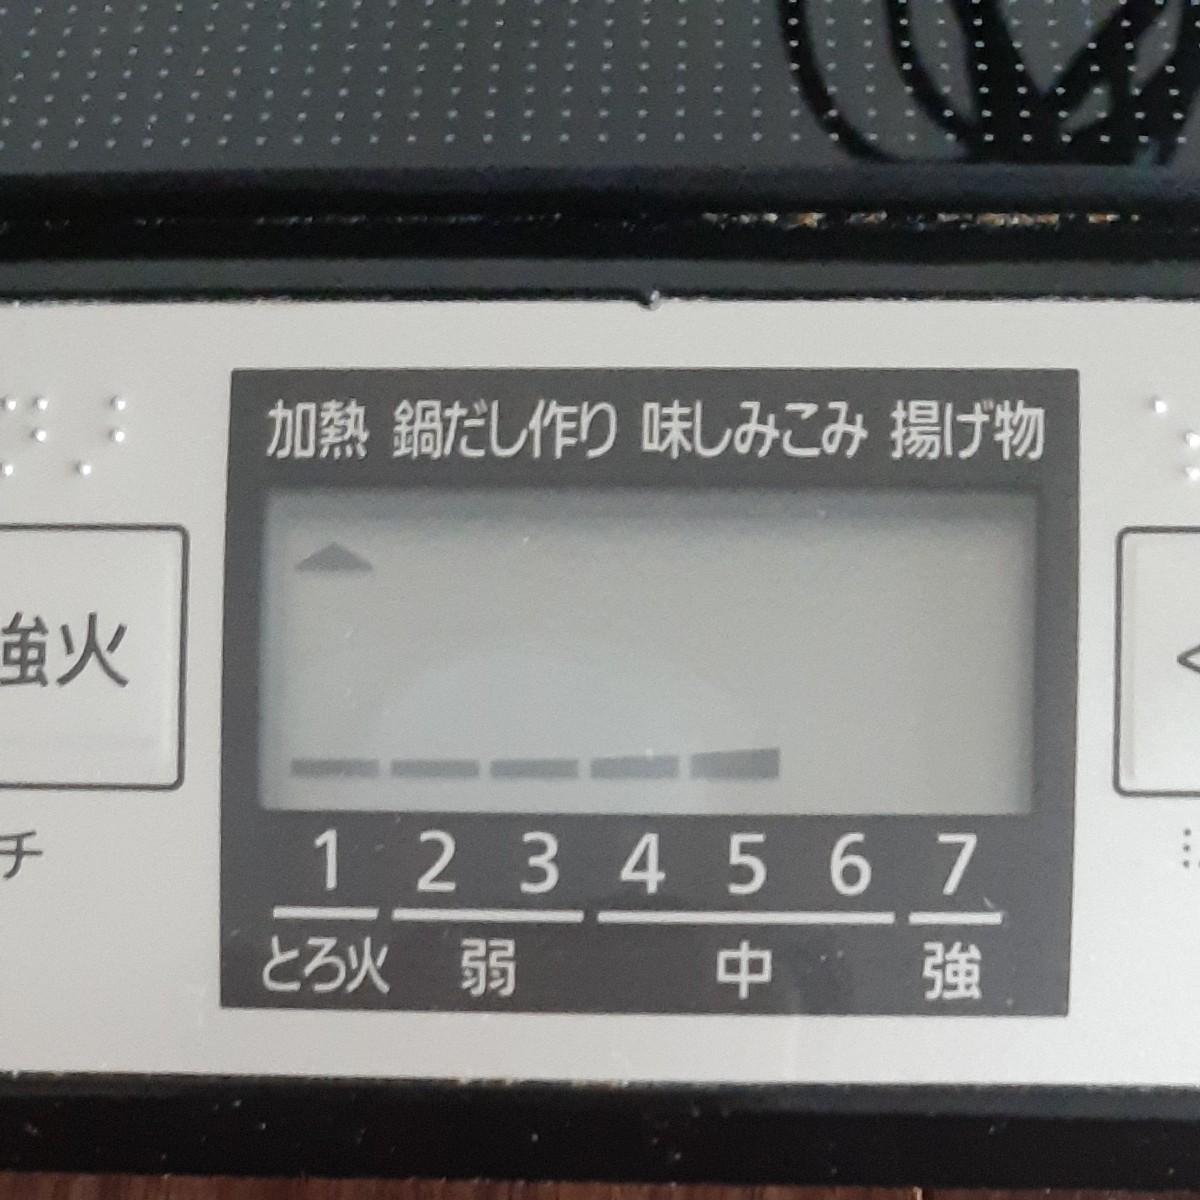 パナソニック IHクッキングヒーター KZ-PH33-K 静音設定 2015年製